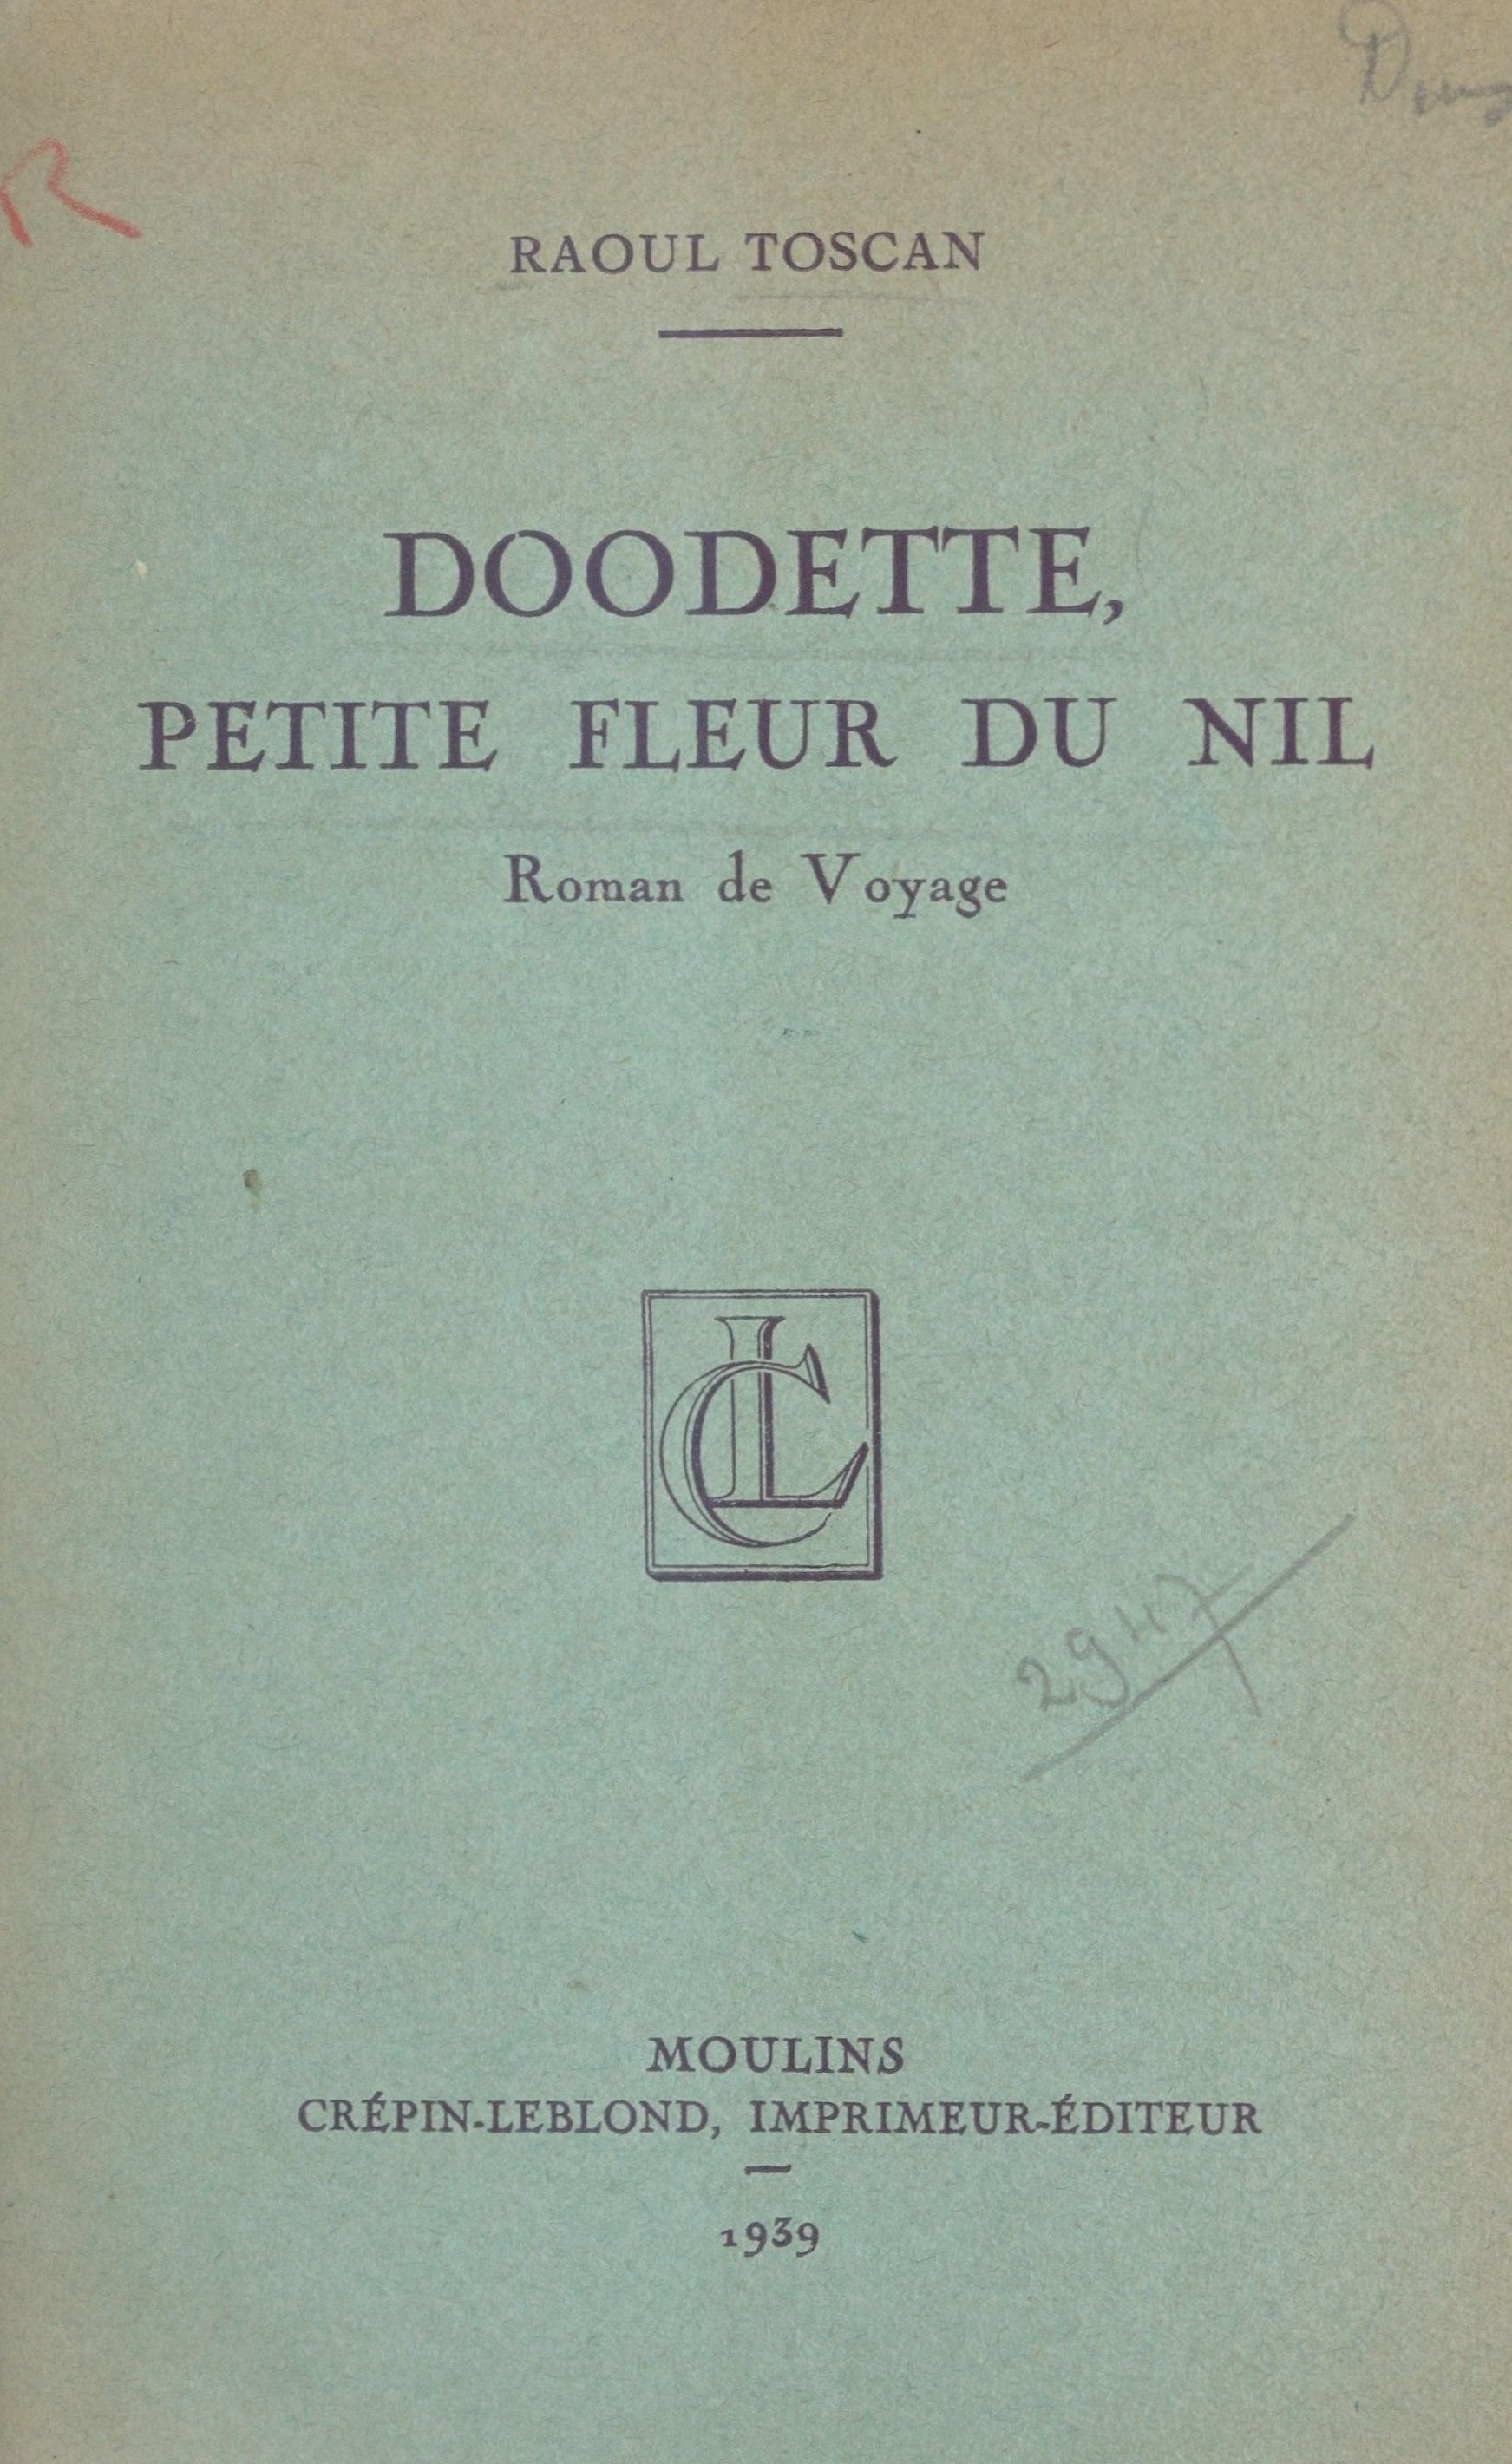 Doodette, petite fleur du Nil, ROMAN DE VOYAGE